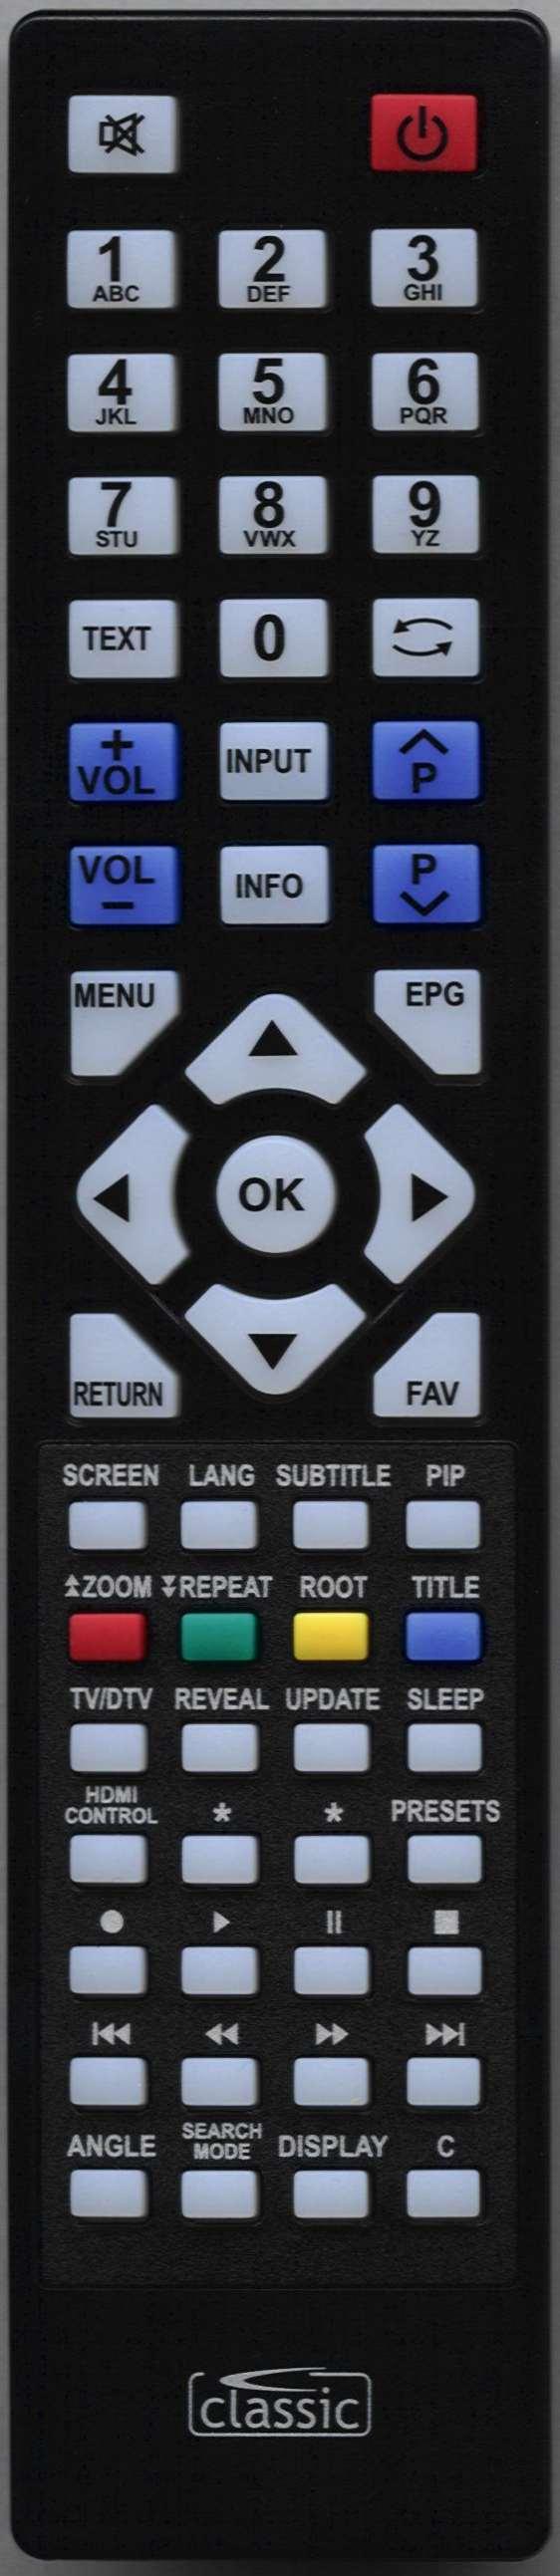 ALBA LCD19ADVD Remote Control Alternative